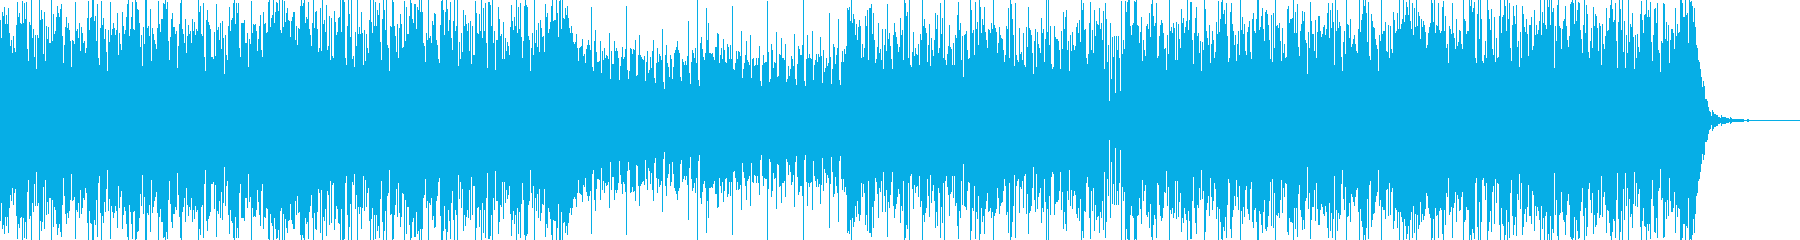 軽快なスィングハウスの再生済みの波形